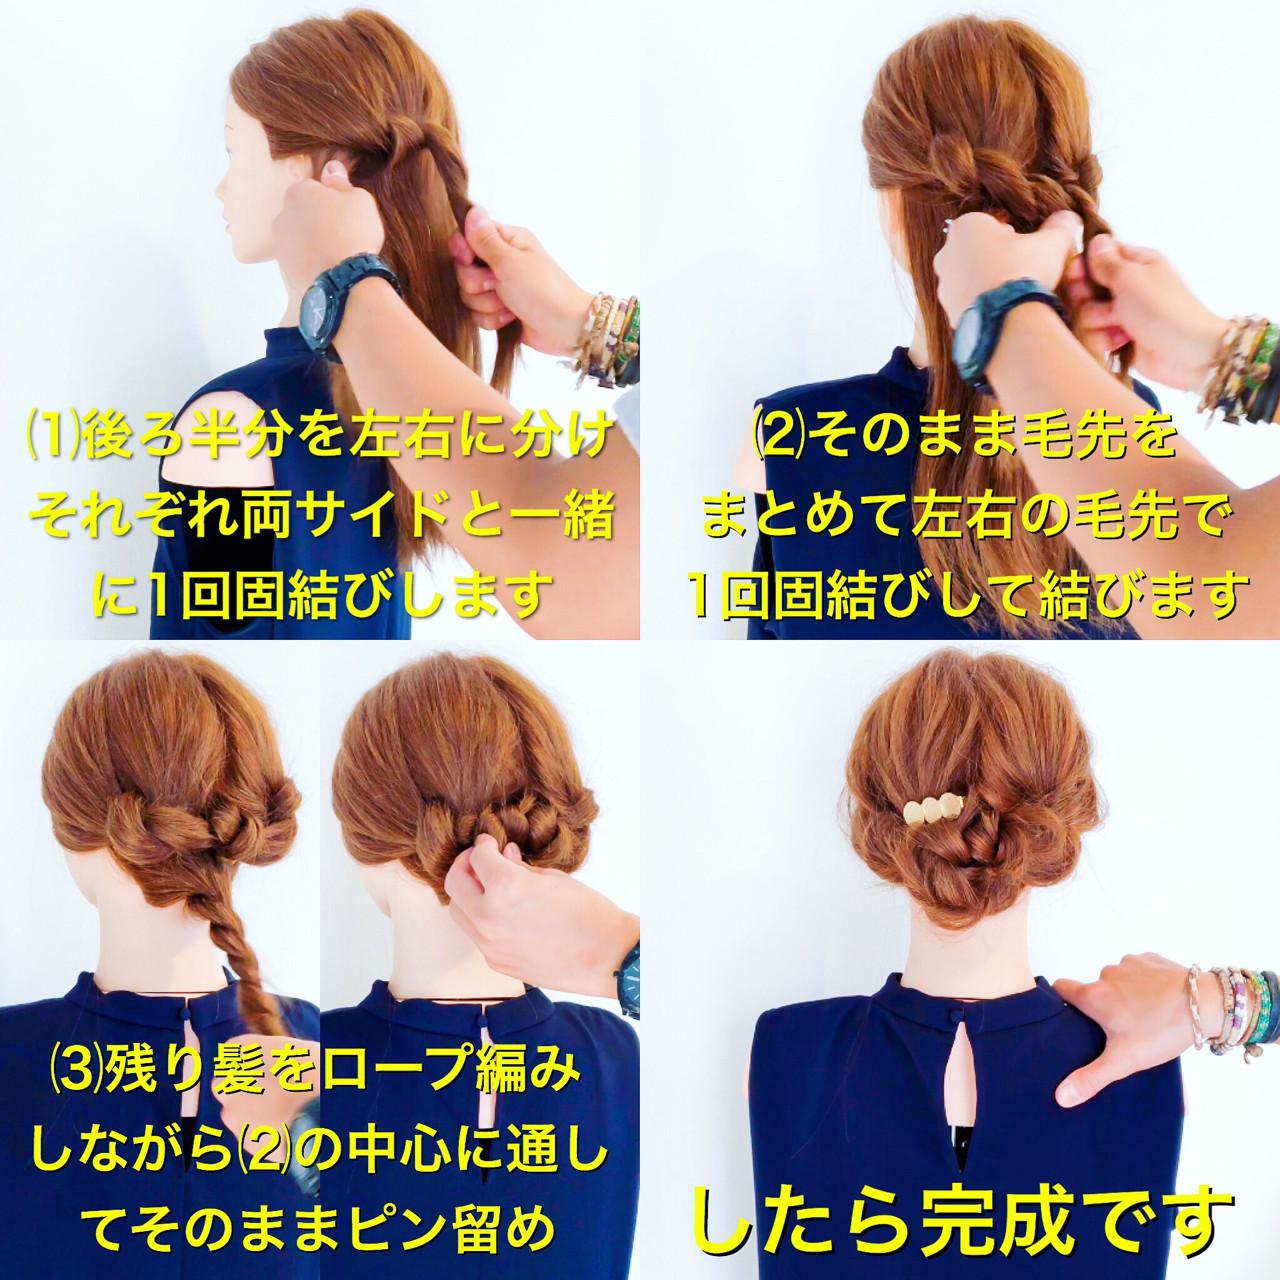 海外ではちょいボサが人気❤️ ゆるく見せて崩れにくい? 夏イベントにも使えちゃう 大人女子の夏アレンジです(^^)‼️ ・ 1.後ろ半分を左右に分けそれぞれ両サイドと一緒に1回固結びします‼️ ⬇︎ 2.それぞれ毛先をまとめてそのまま毛先同士を1回固結びして結びます‼️ ⬇︎ 3.残り髪をロープ編みしながら2.の結び目に通してそのままピン留めしたら完成です‼️